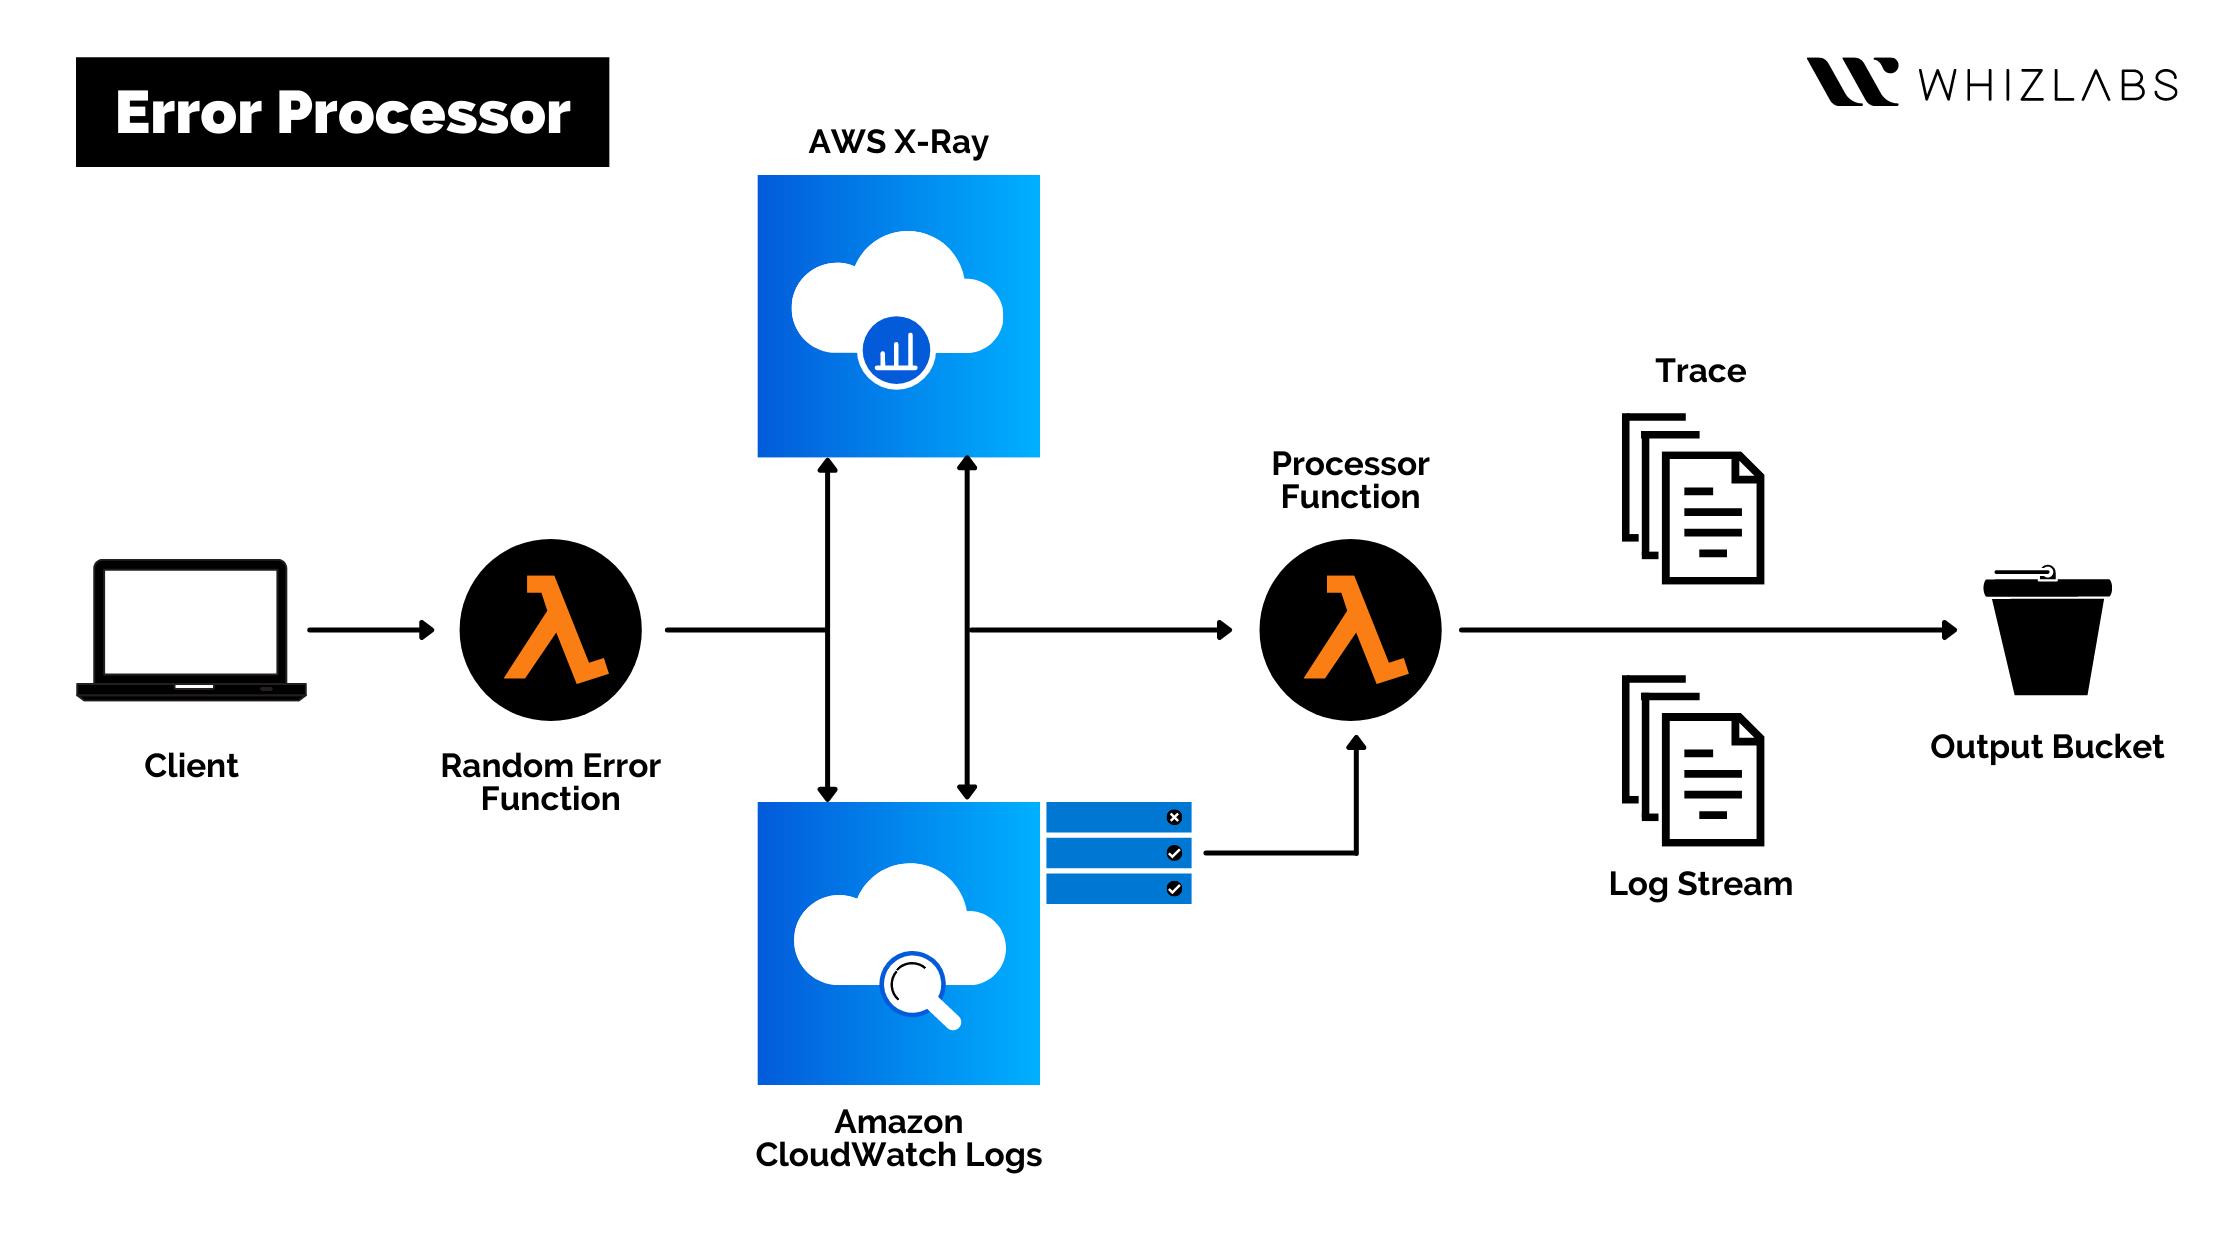 Monitoring & Observability - Error Processor